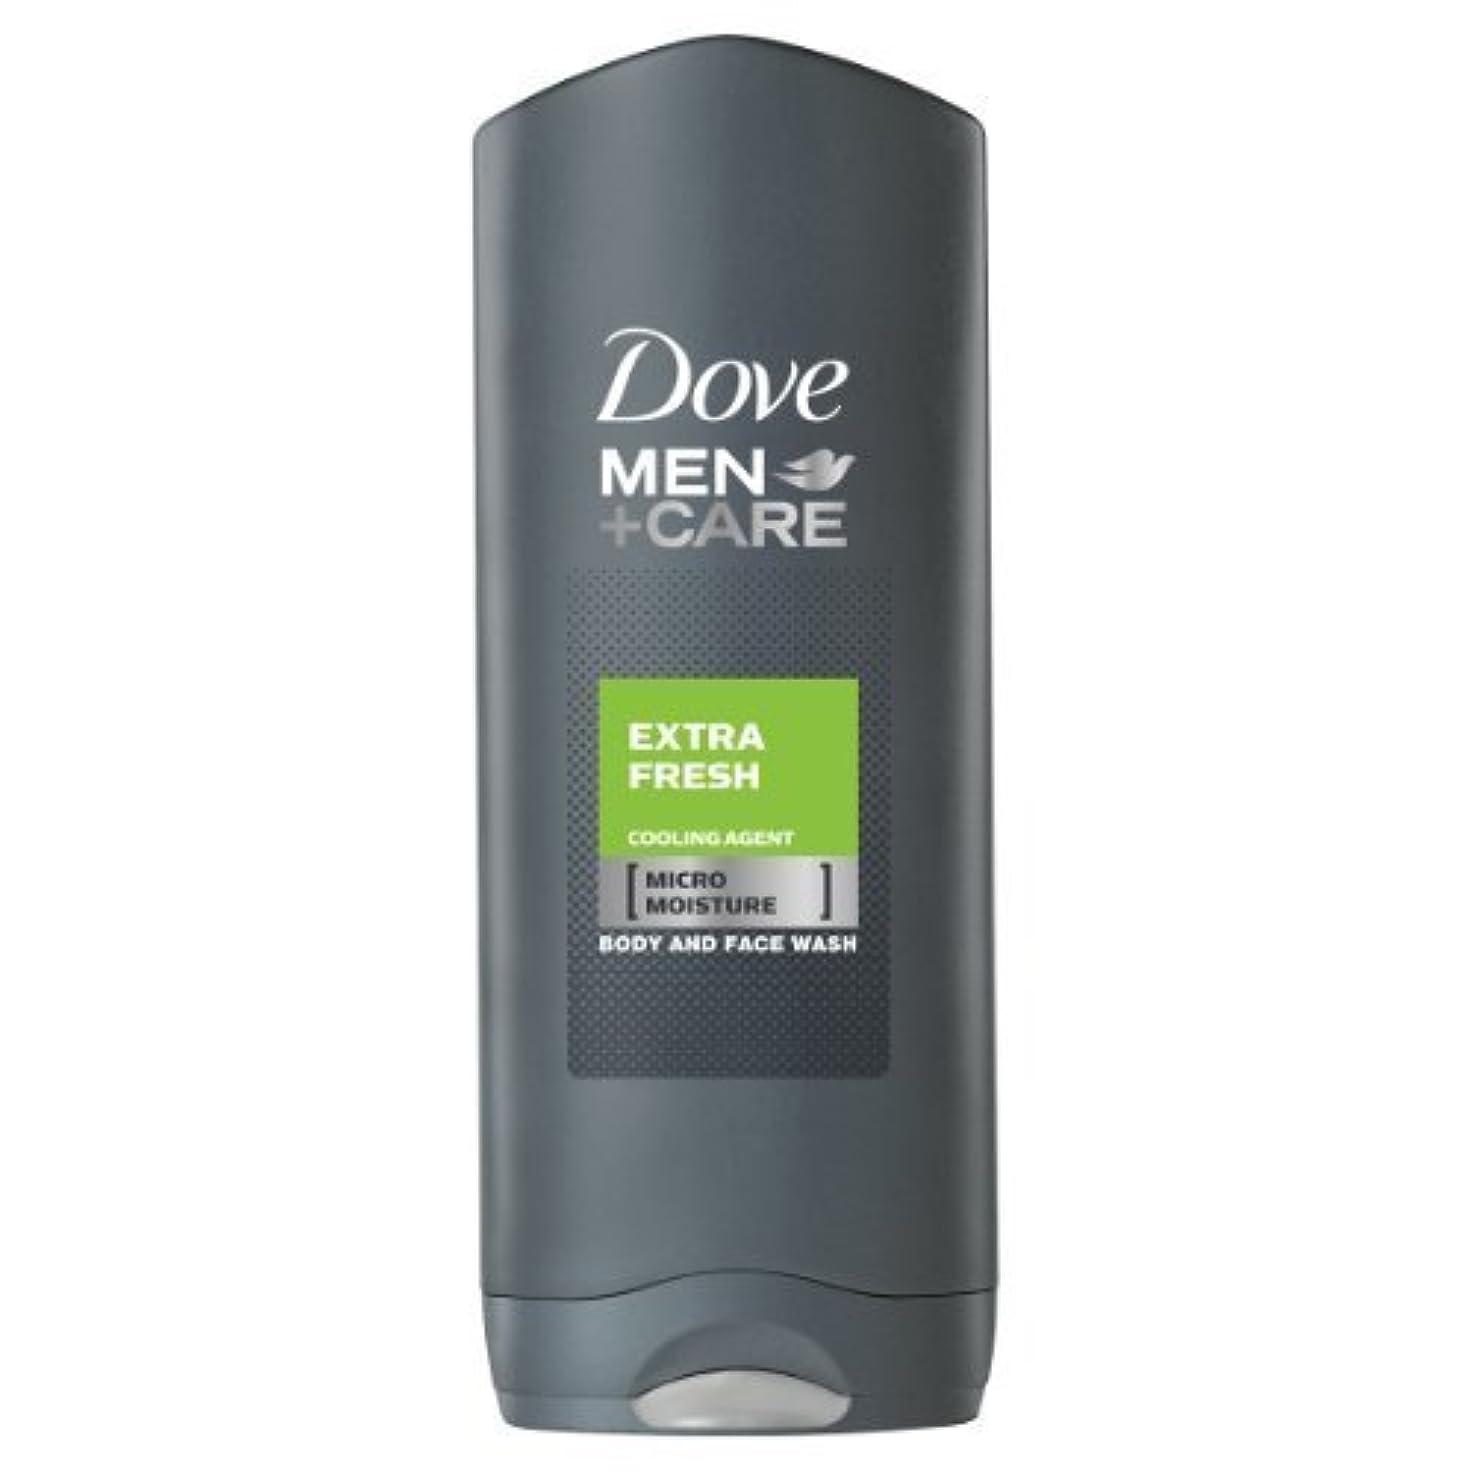 アクティブデクリメント十分なDove for Men Extra Fresh Body and Face Wash 250 ml by Dove [並行輸入品]